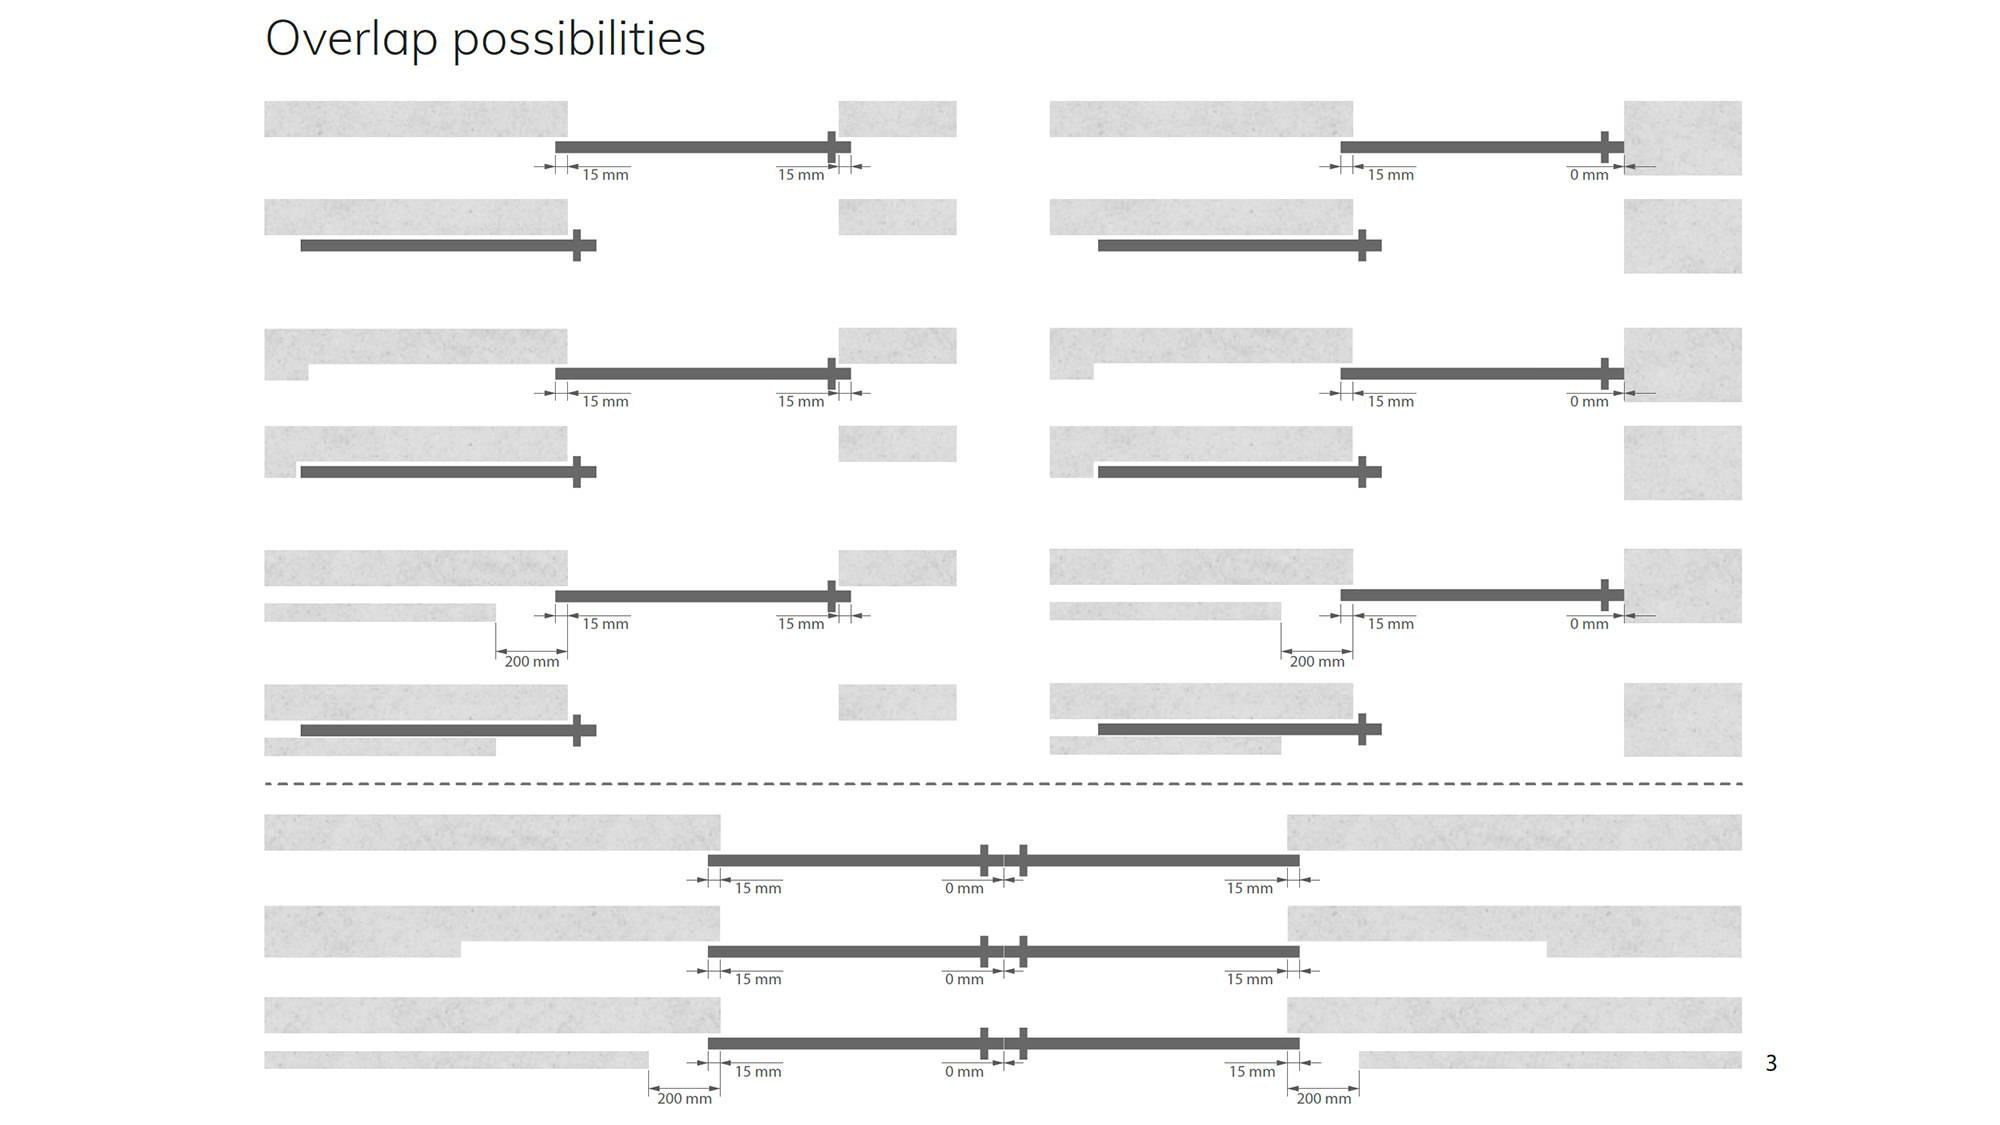 Slideways 6530 sliding door overlap possibilities